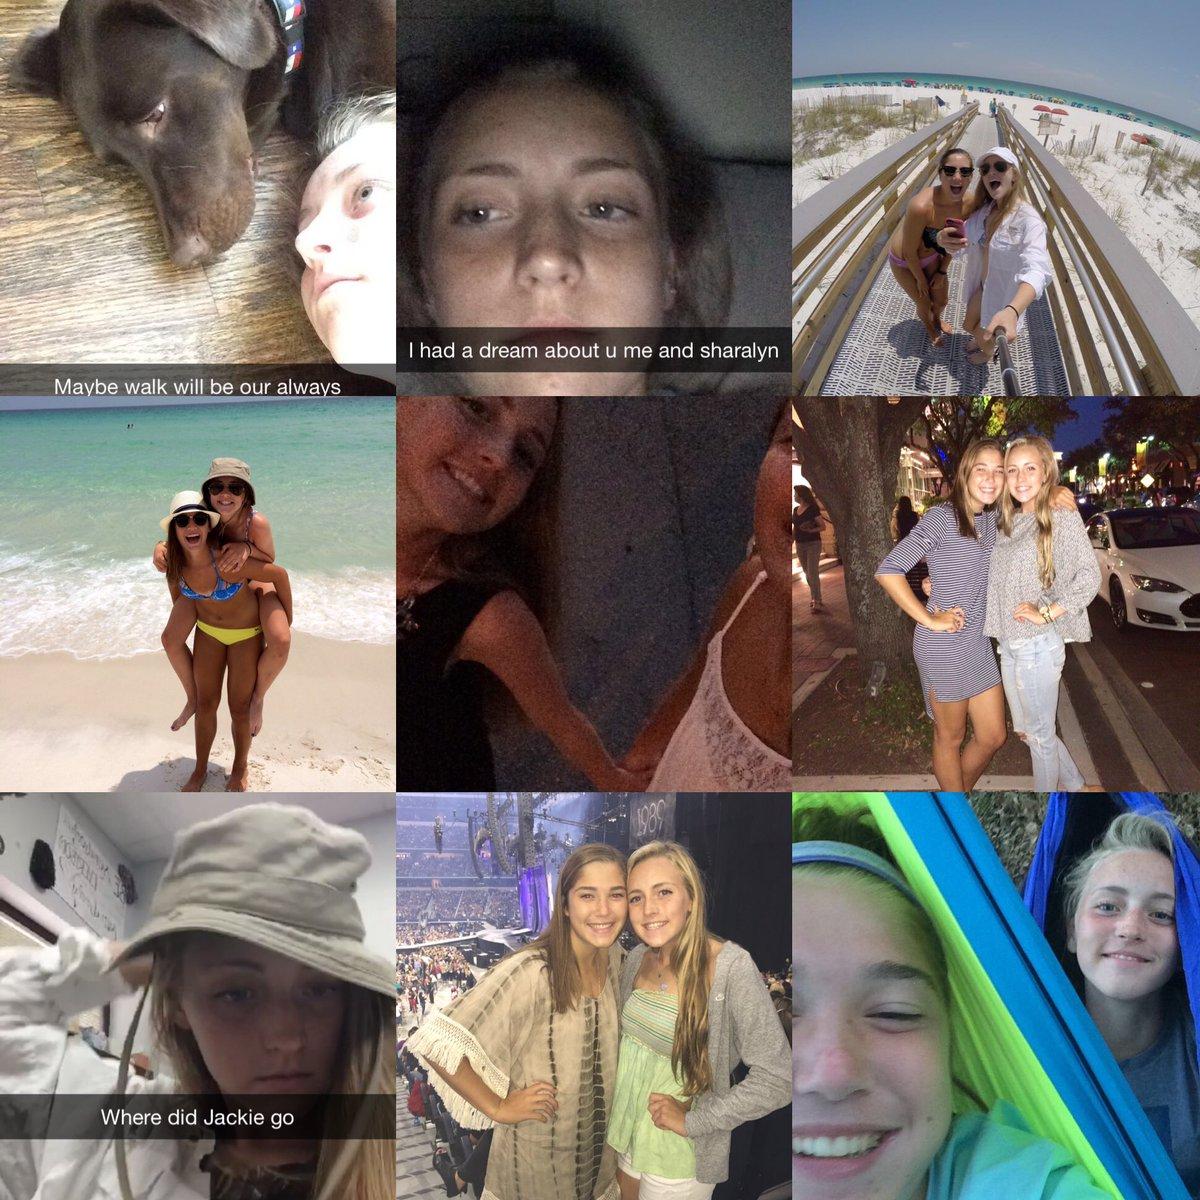 Selfie Brooke Burns nude (69 photos), Topless, Paparazzi, Instagram, swimsuit 2020